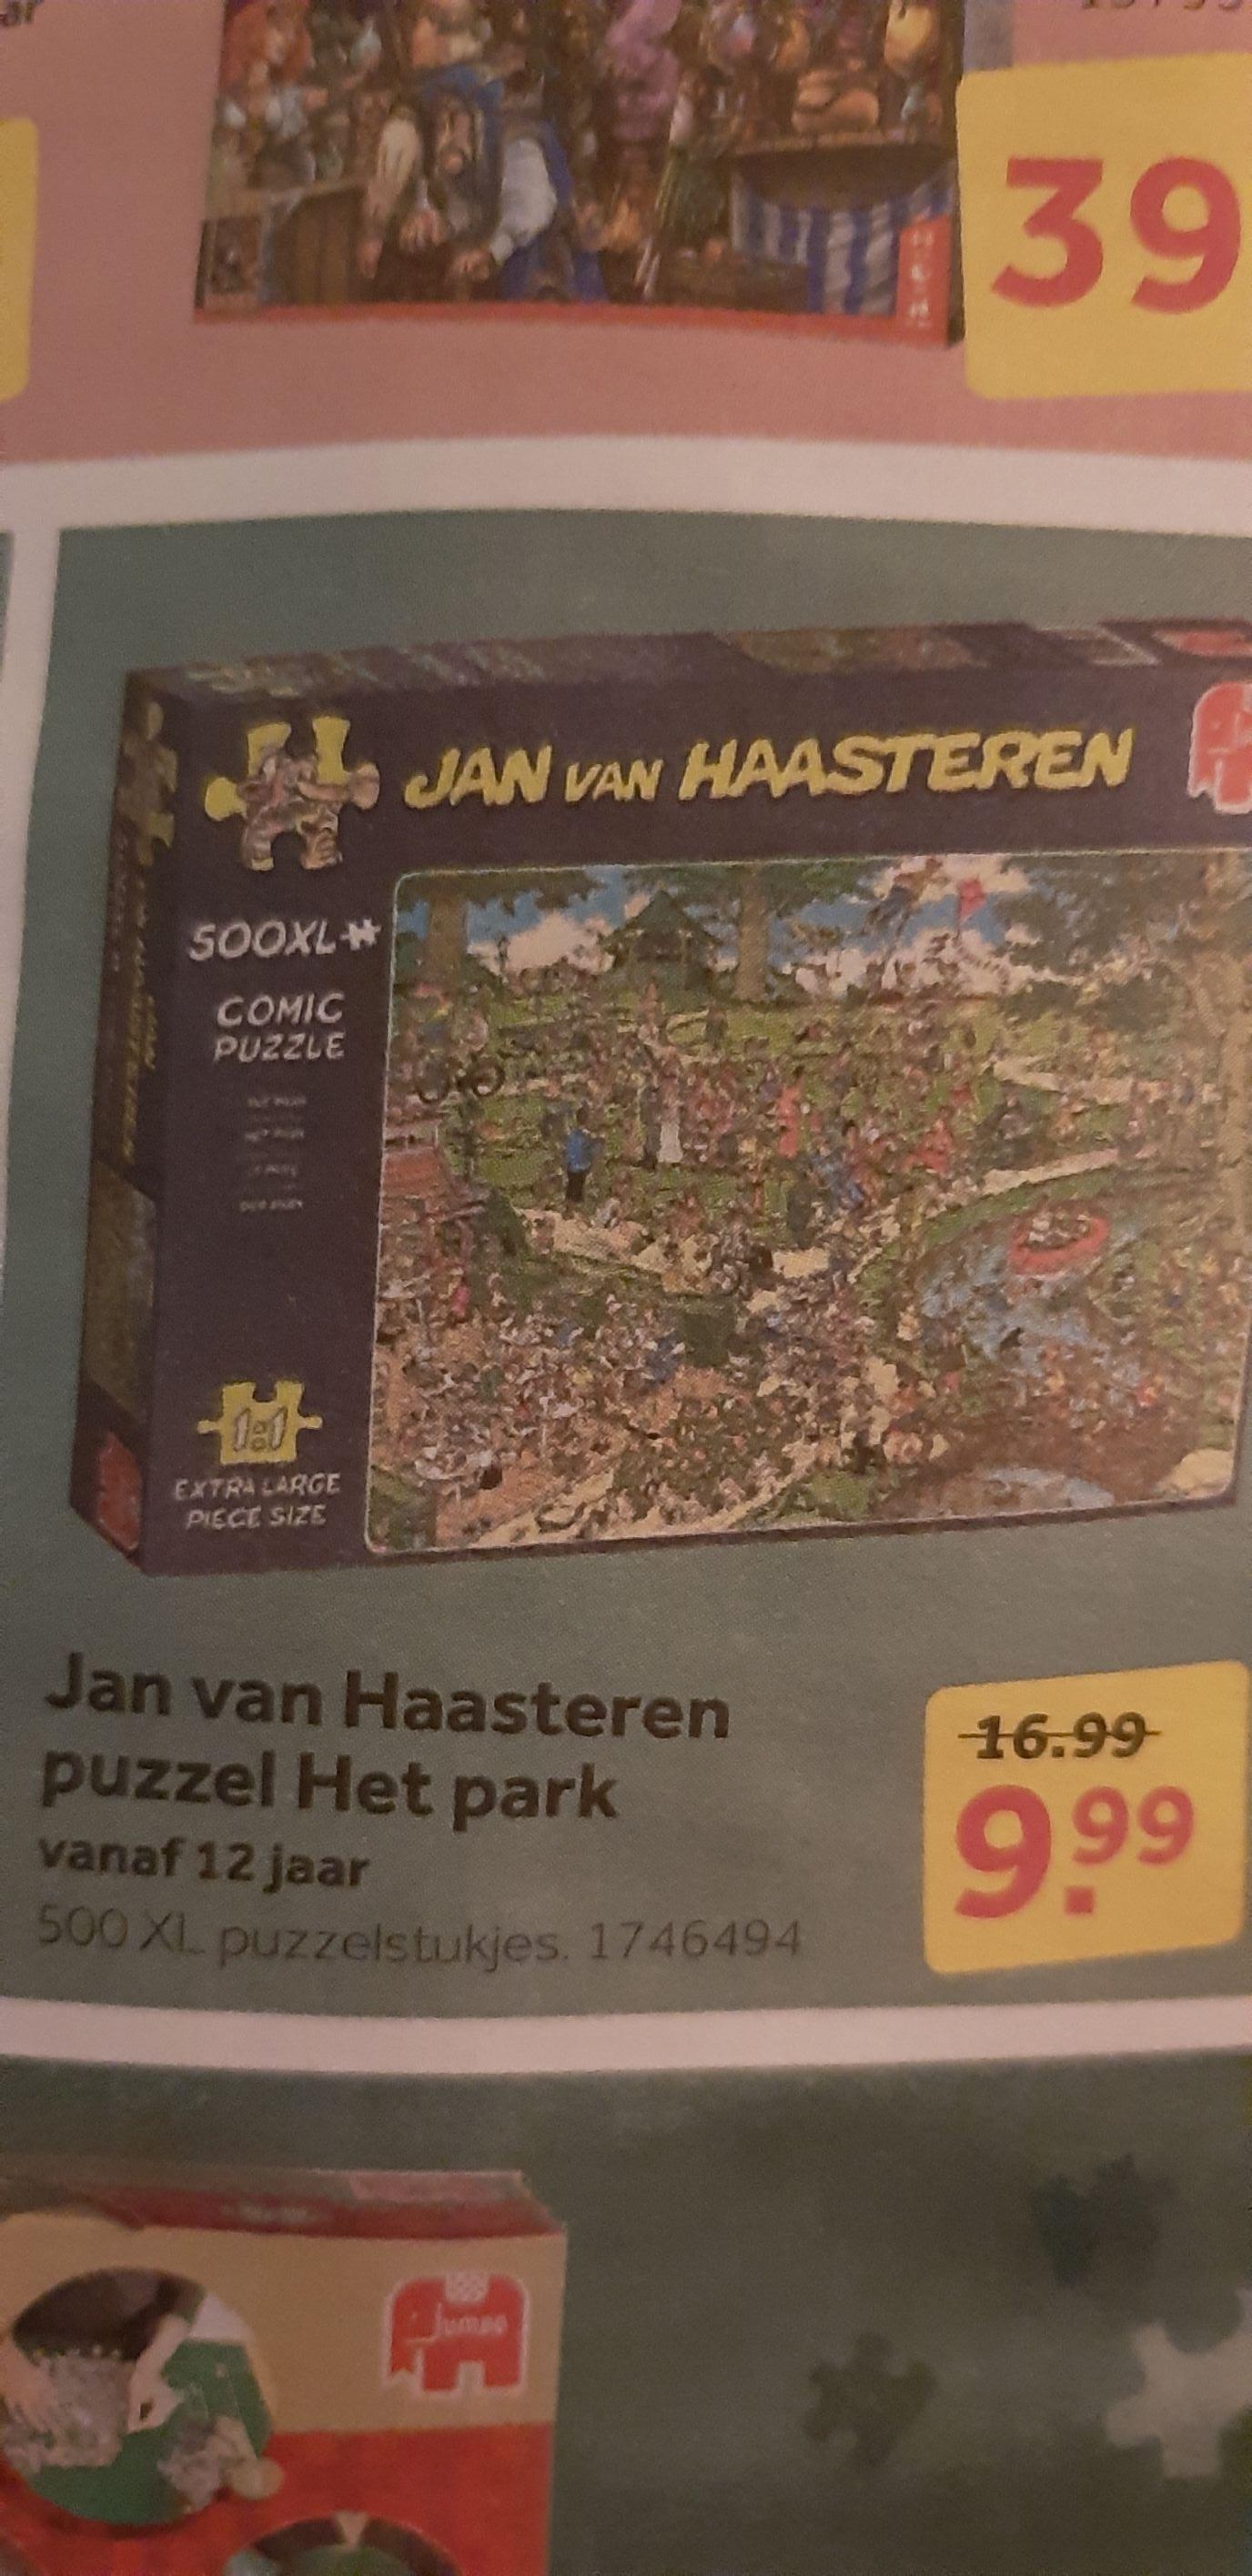 Jan van Haasteren puzzels 9,99 ipv 16,99 | Intertoys